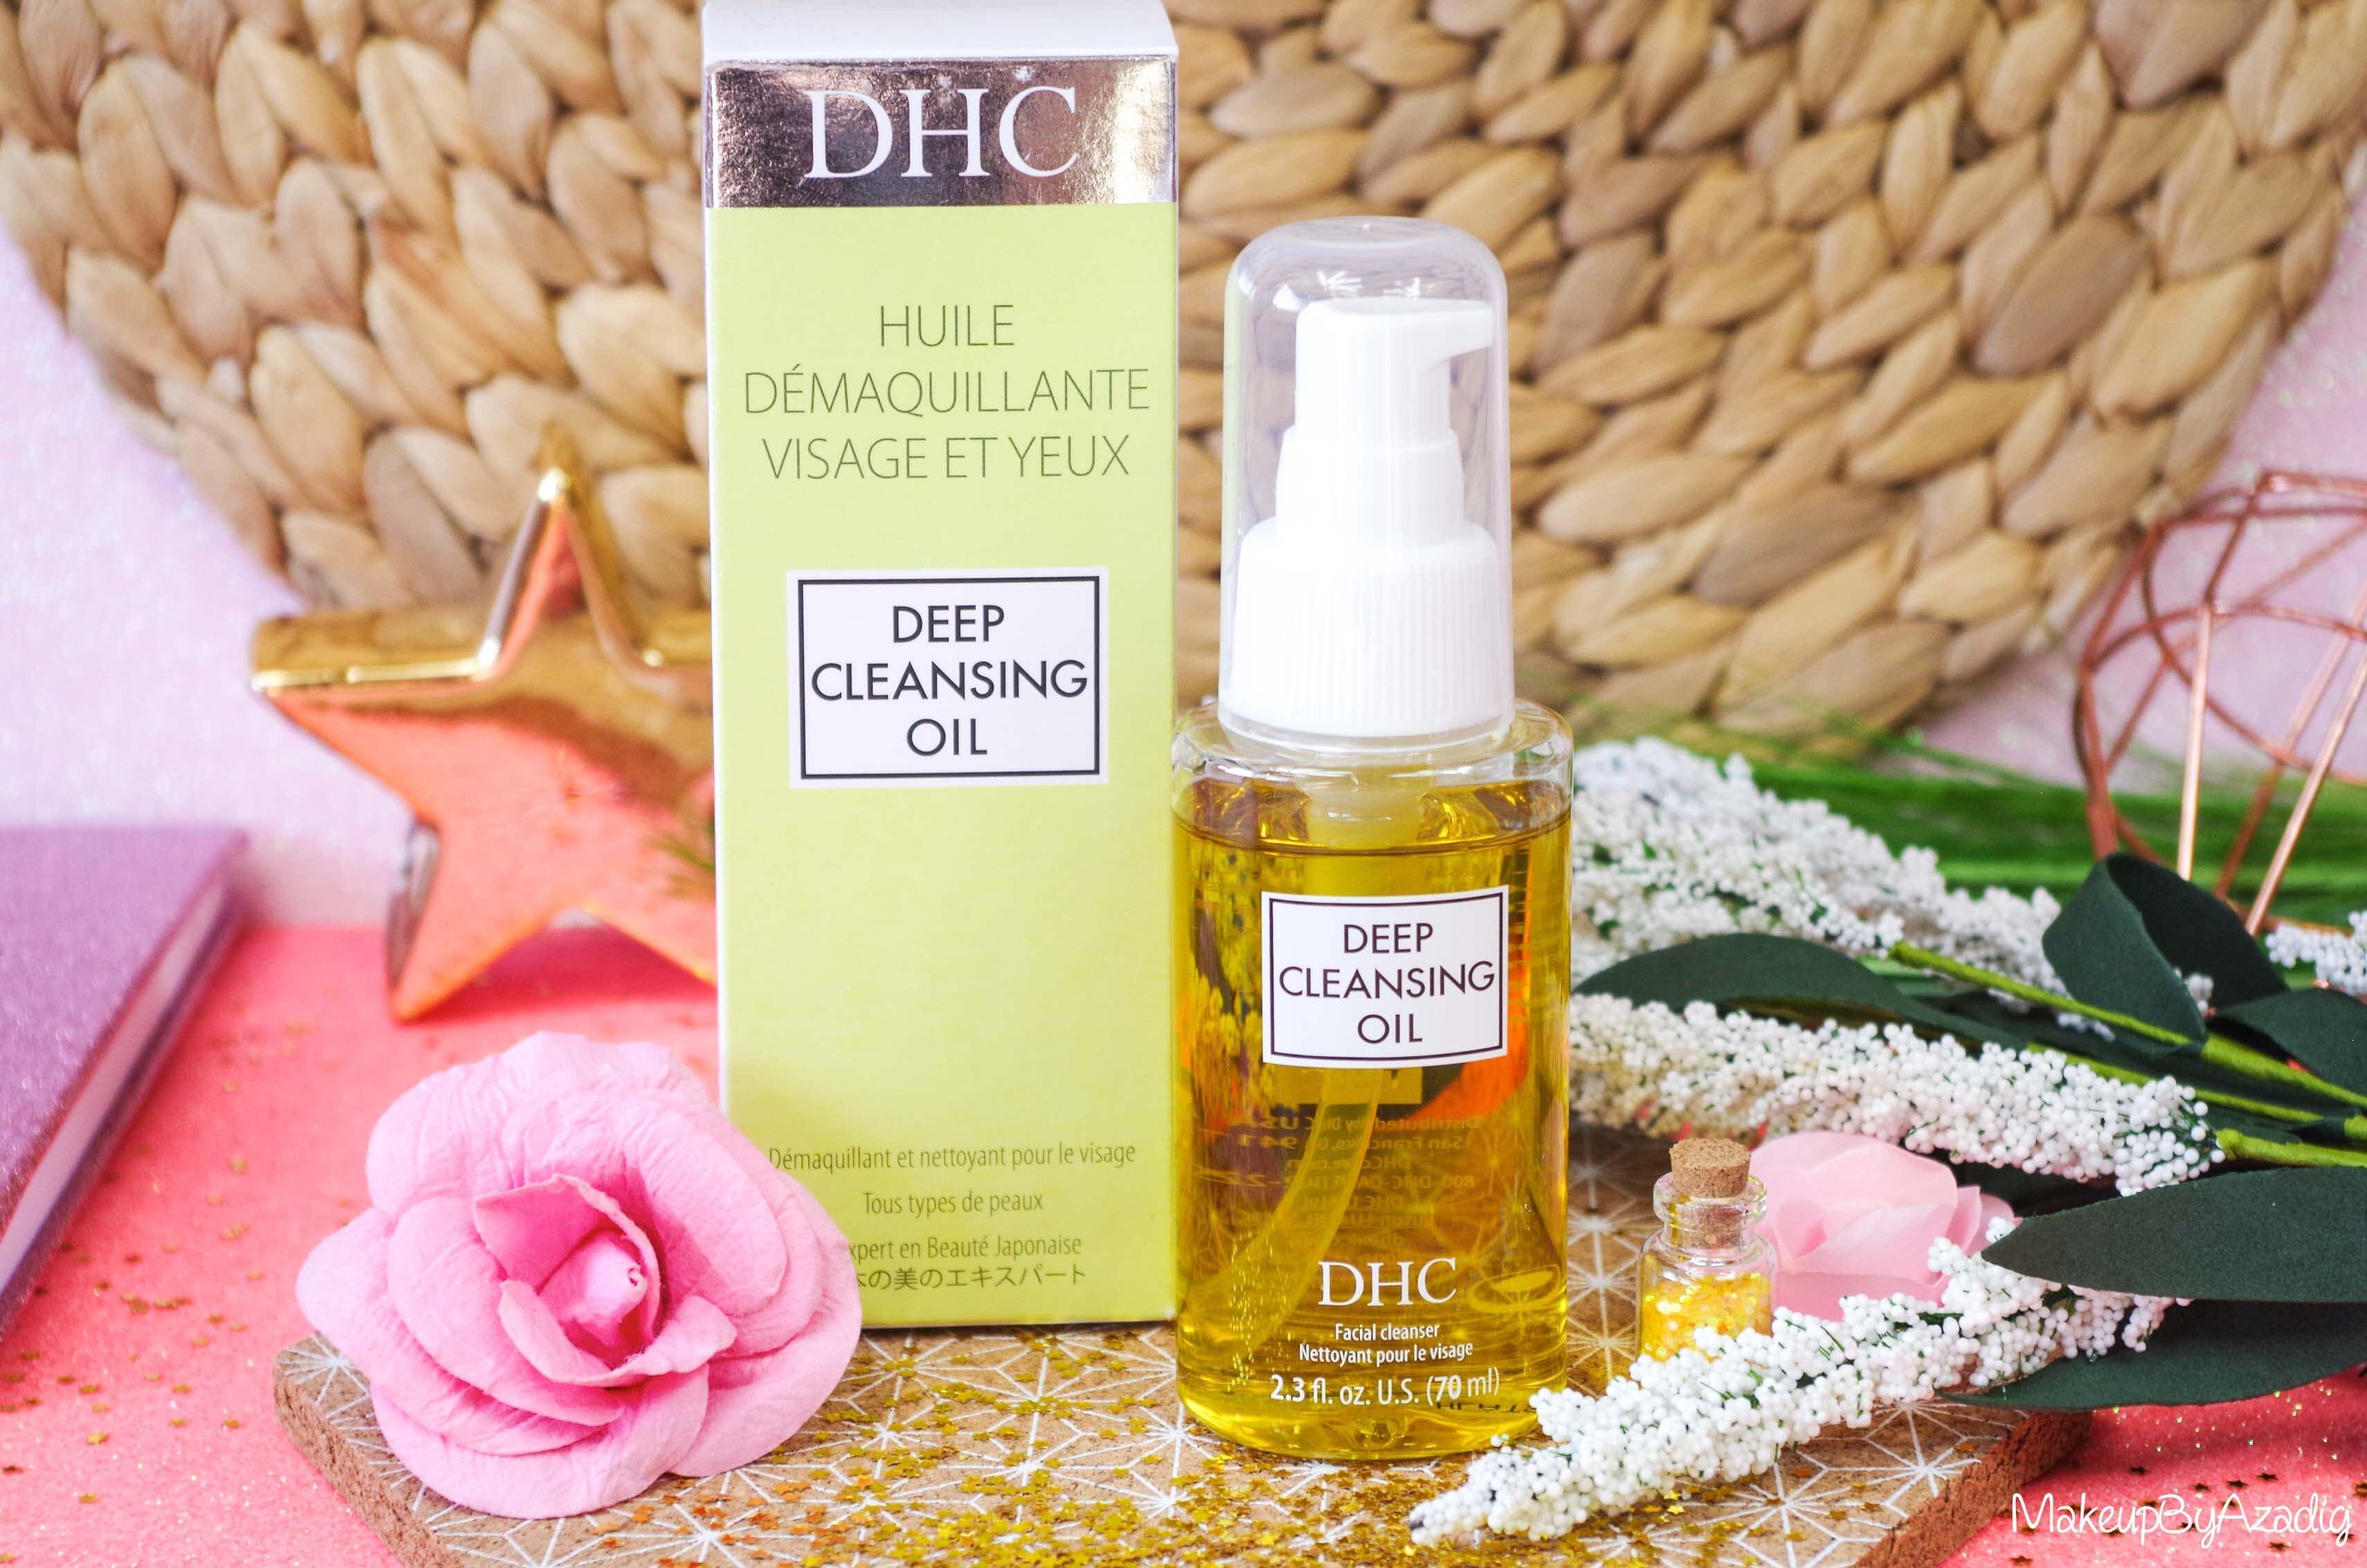 revue-review-huile-demaquillante-deep-cleansing-oil-dhc-meilleure-avis-prix-nocibe-monoprix-makeupbyazadig-composition